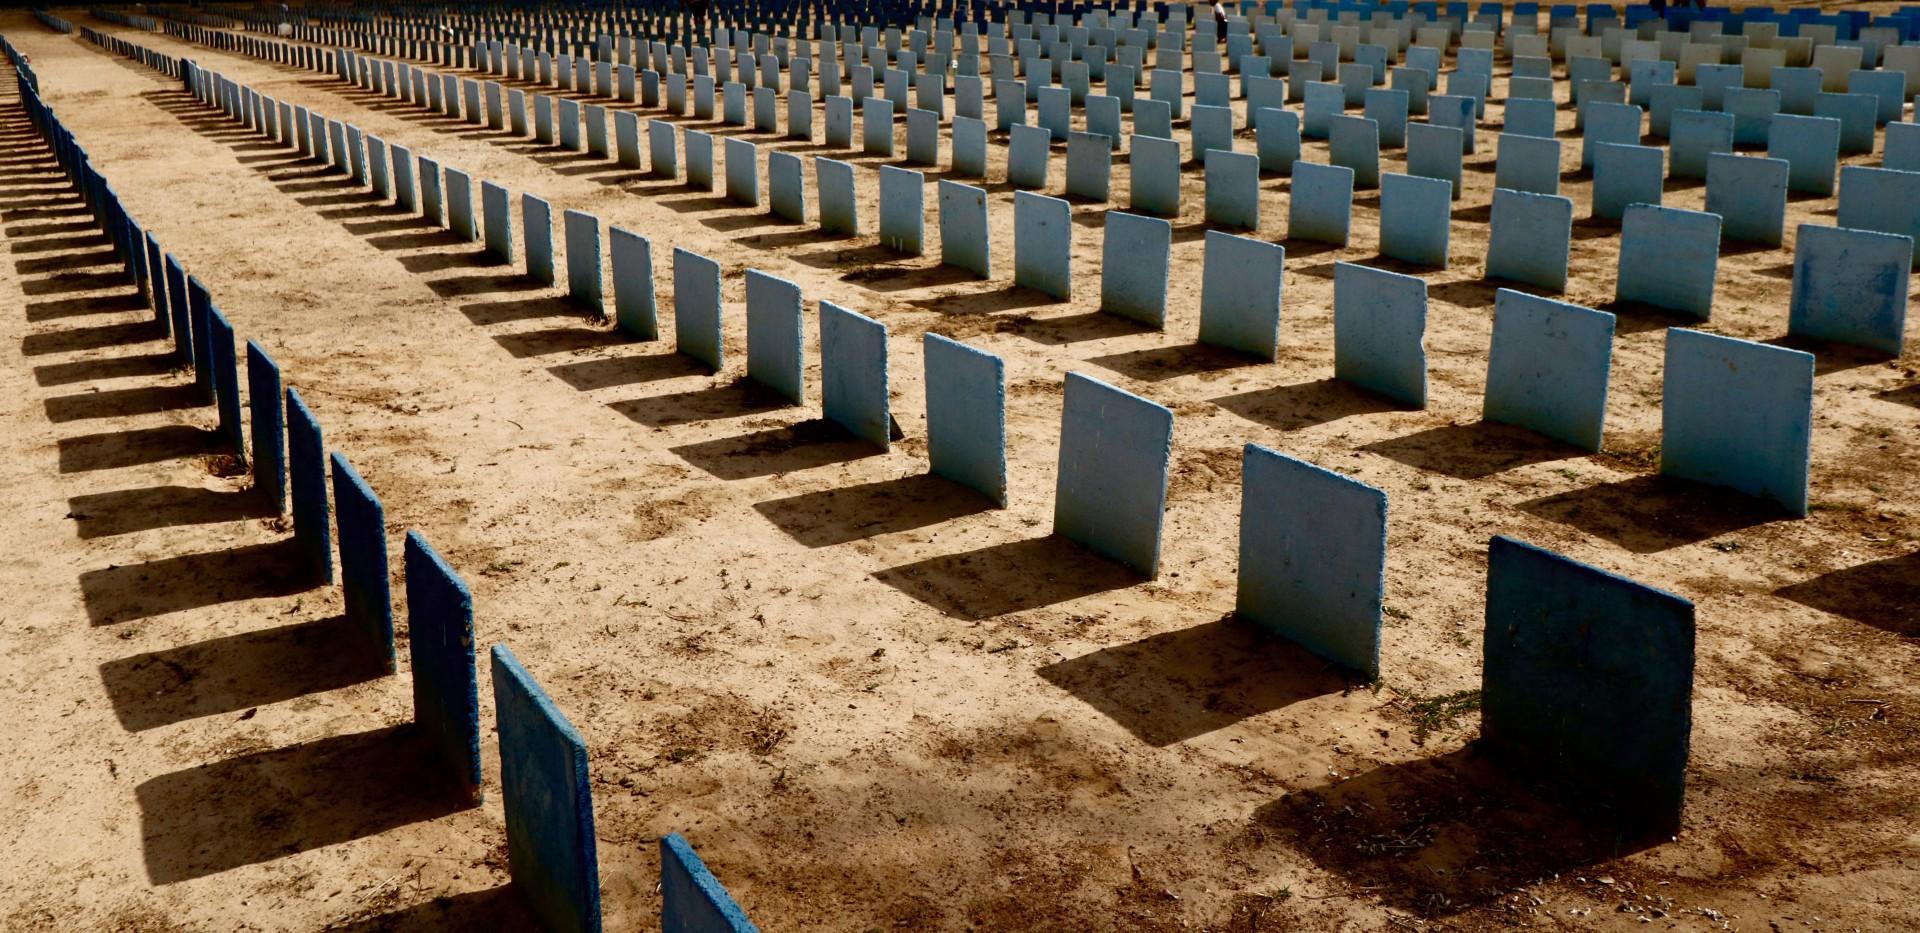 Lápides no cemitério Bom Jardim - coronavirus (Foto: FABIO LIMA)